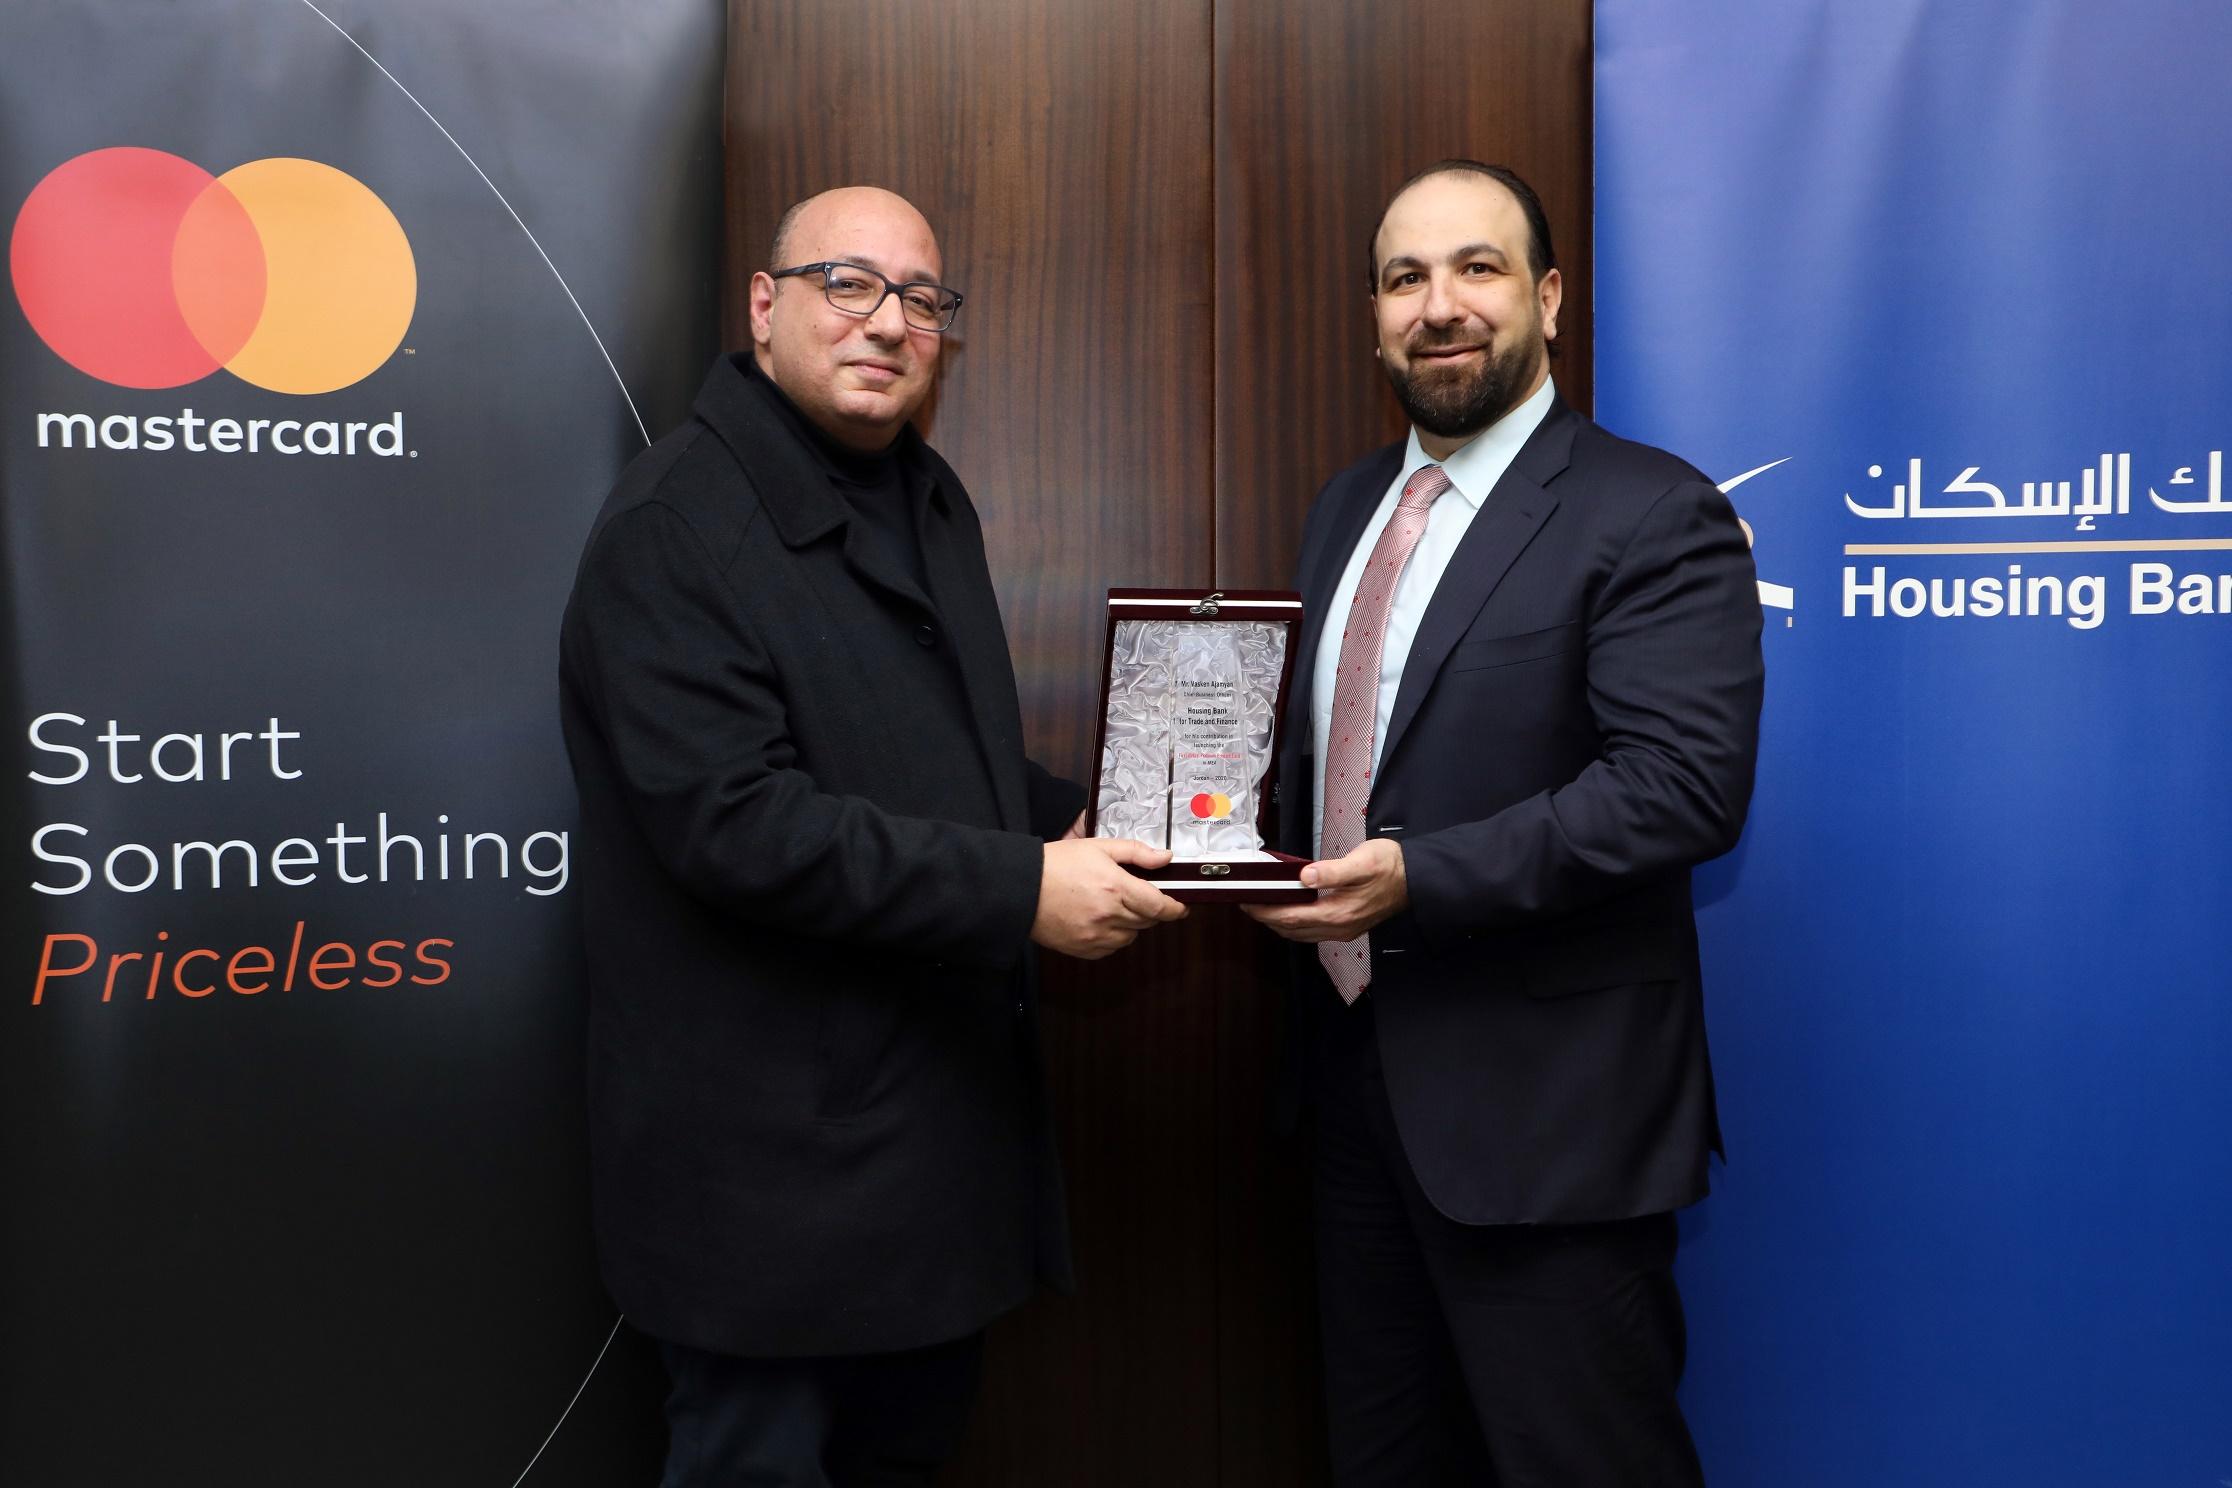 بنك الإسكان يطلق بطاقة ماستركارد البلاتينية الرقمية المدفوعة مسبقاً ISKAN V-Card الأولى من نوعها على مستوى منطقة الشرق الأوسط وإفريقيا